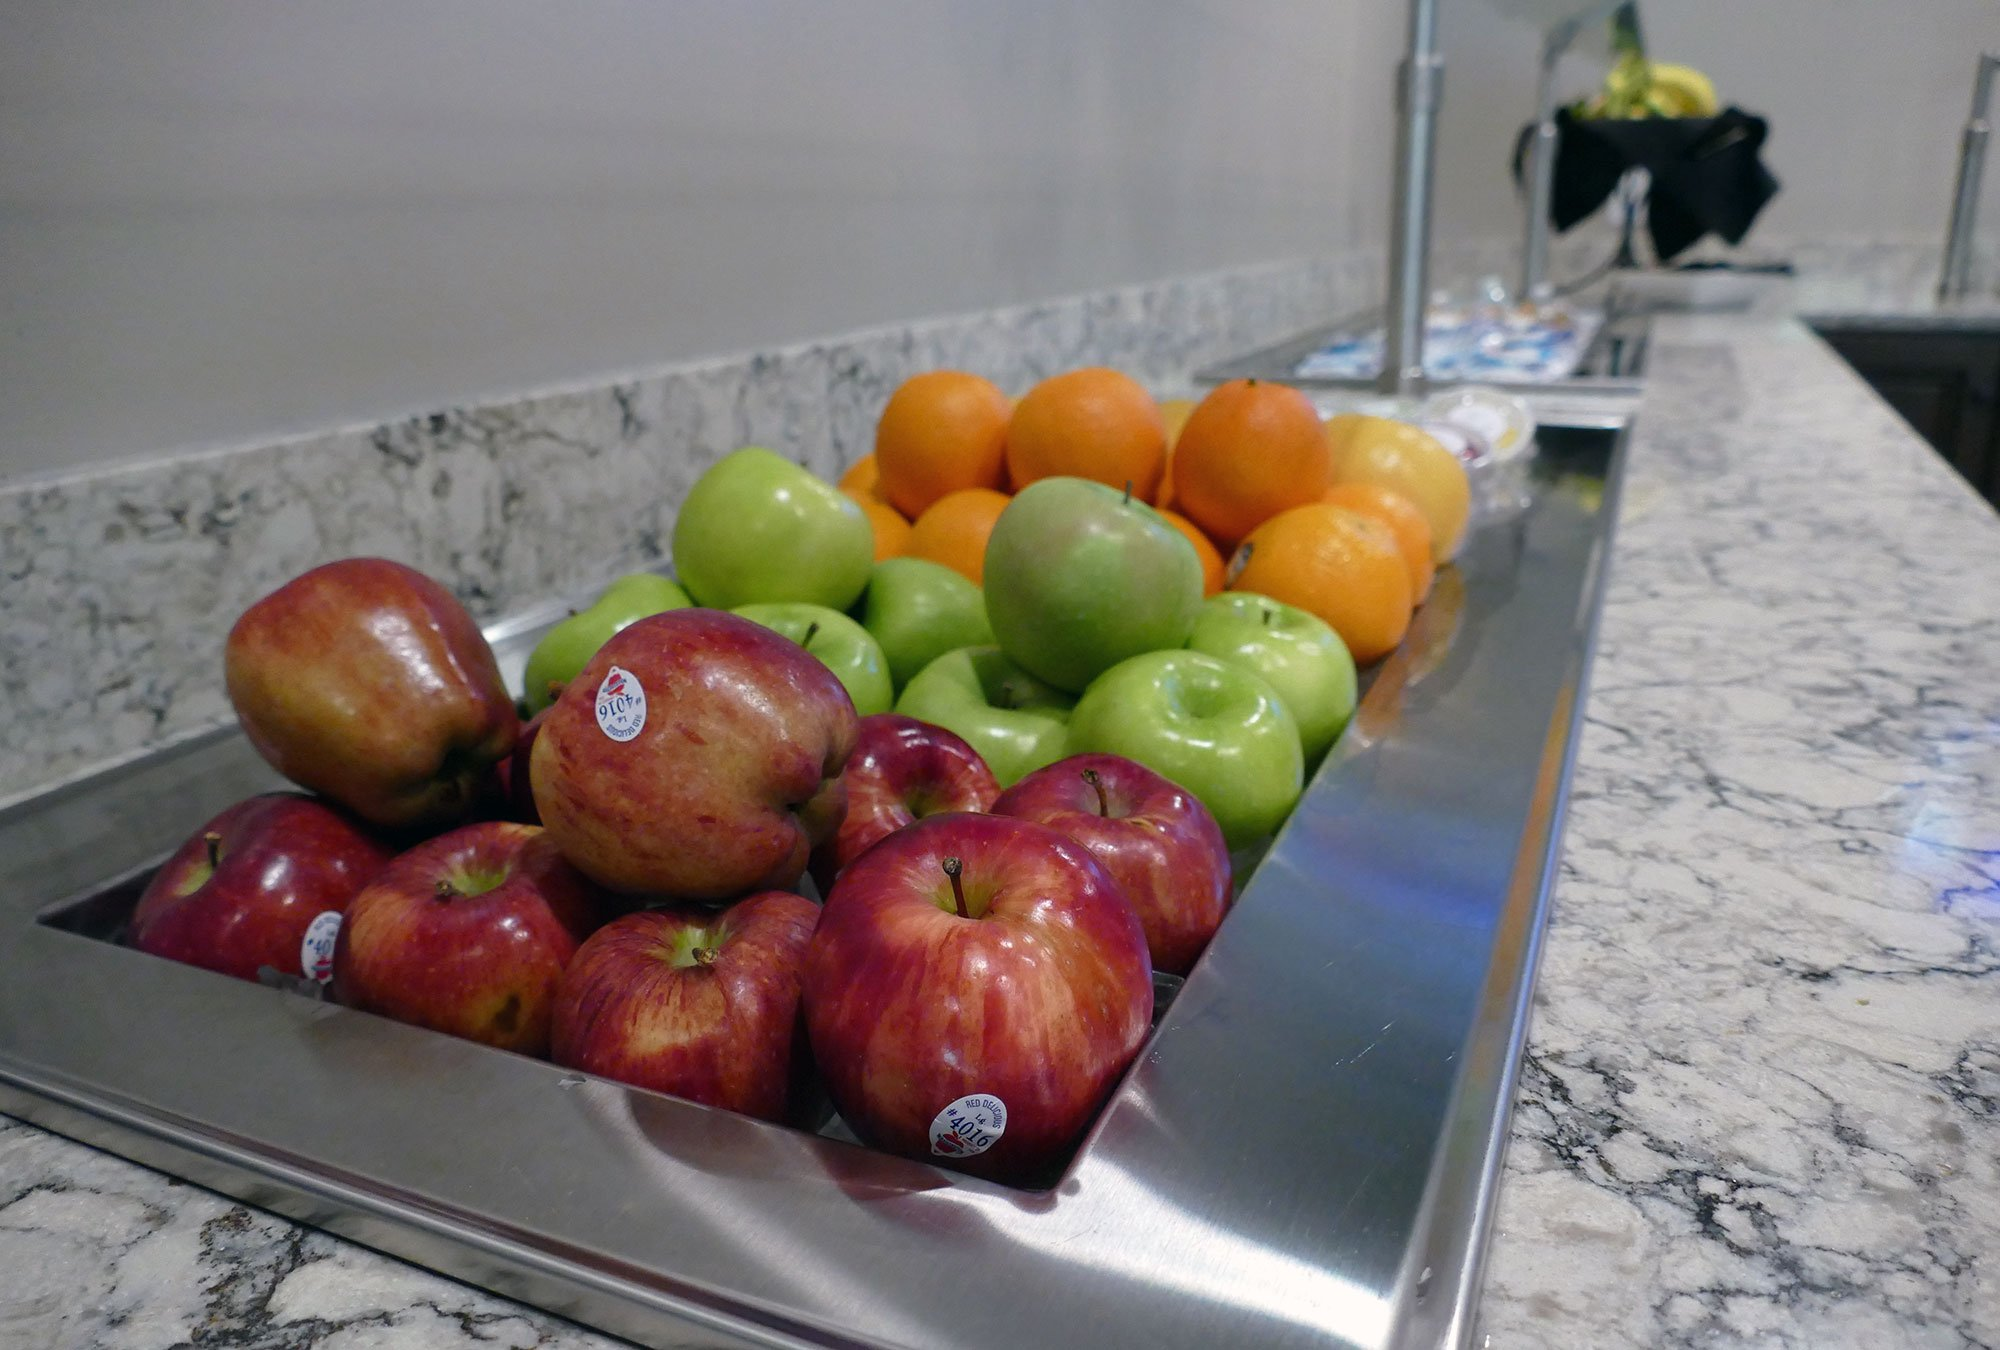 Fruit FitBite